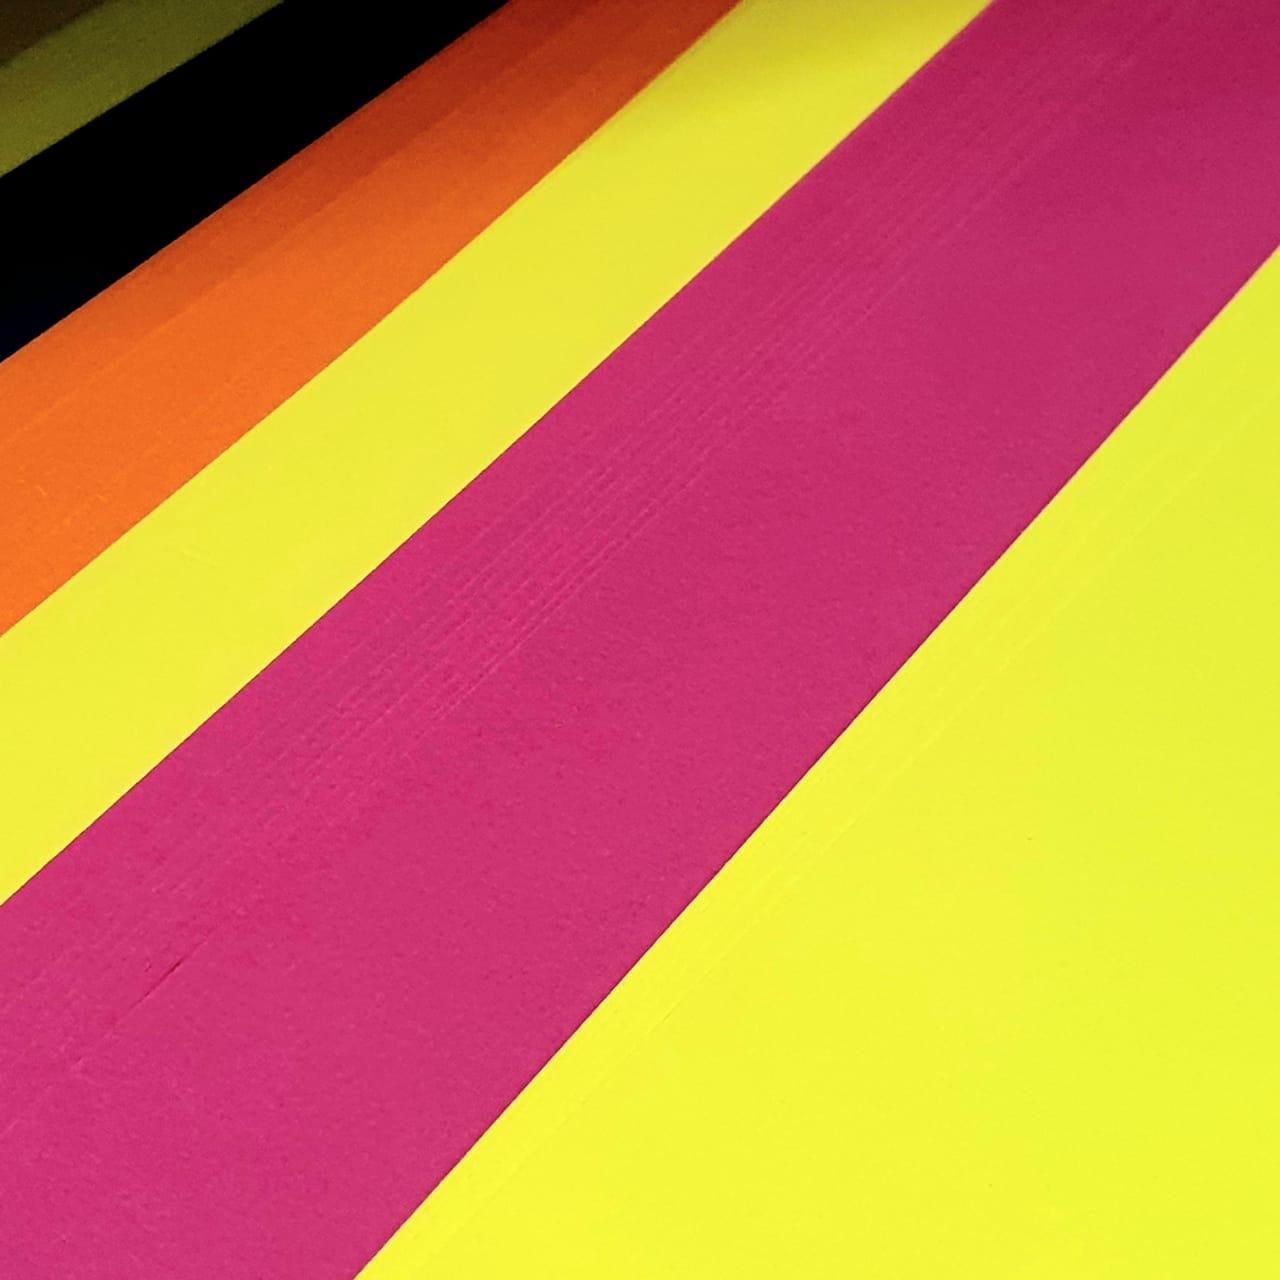 Criativo Lumi A4 Pacote C/ 50 Folhas coloridas 80g